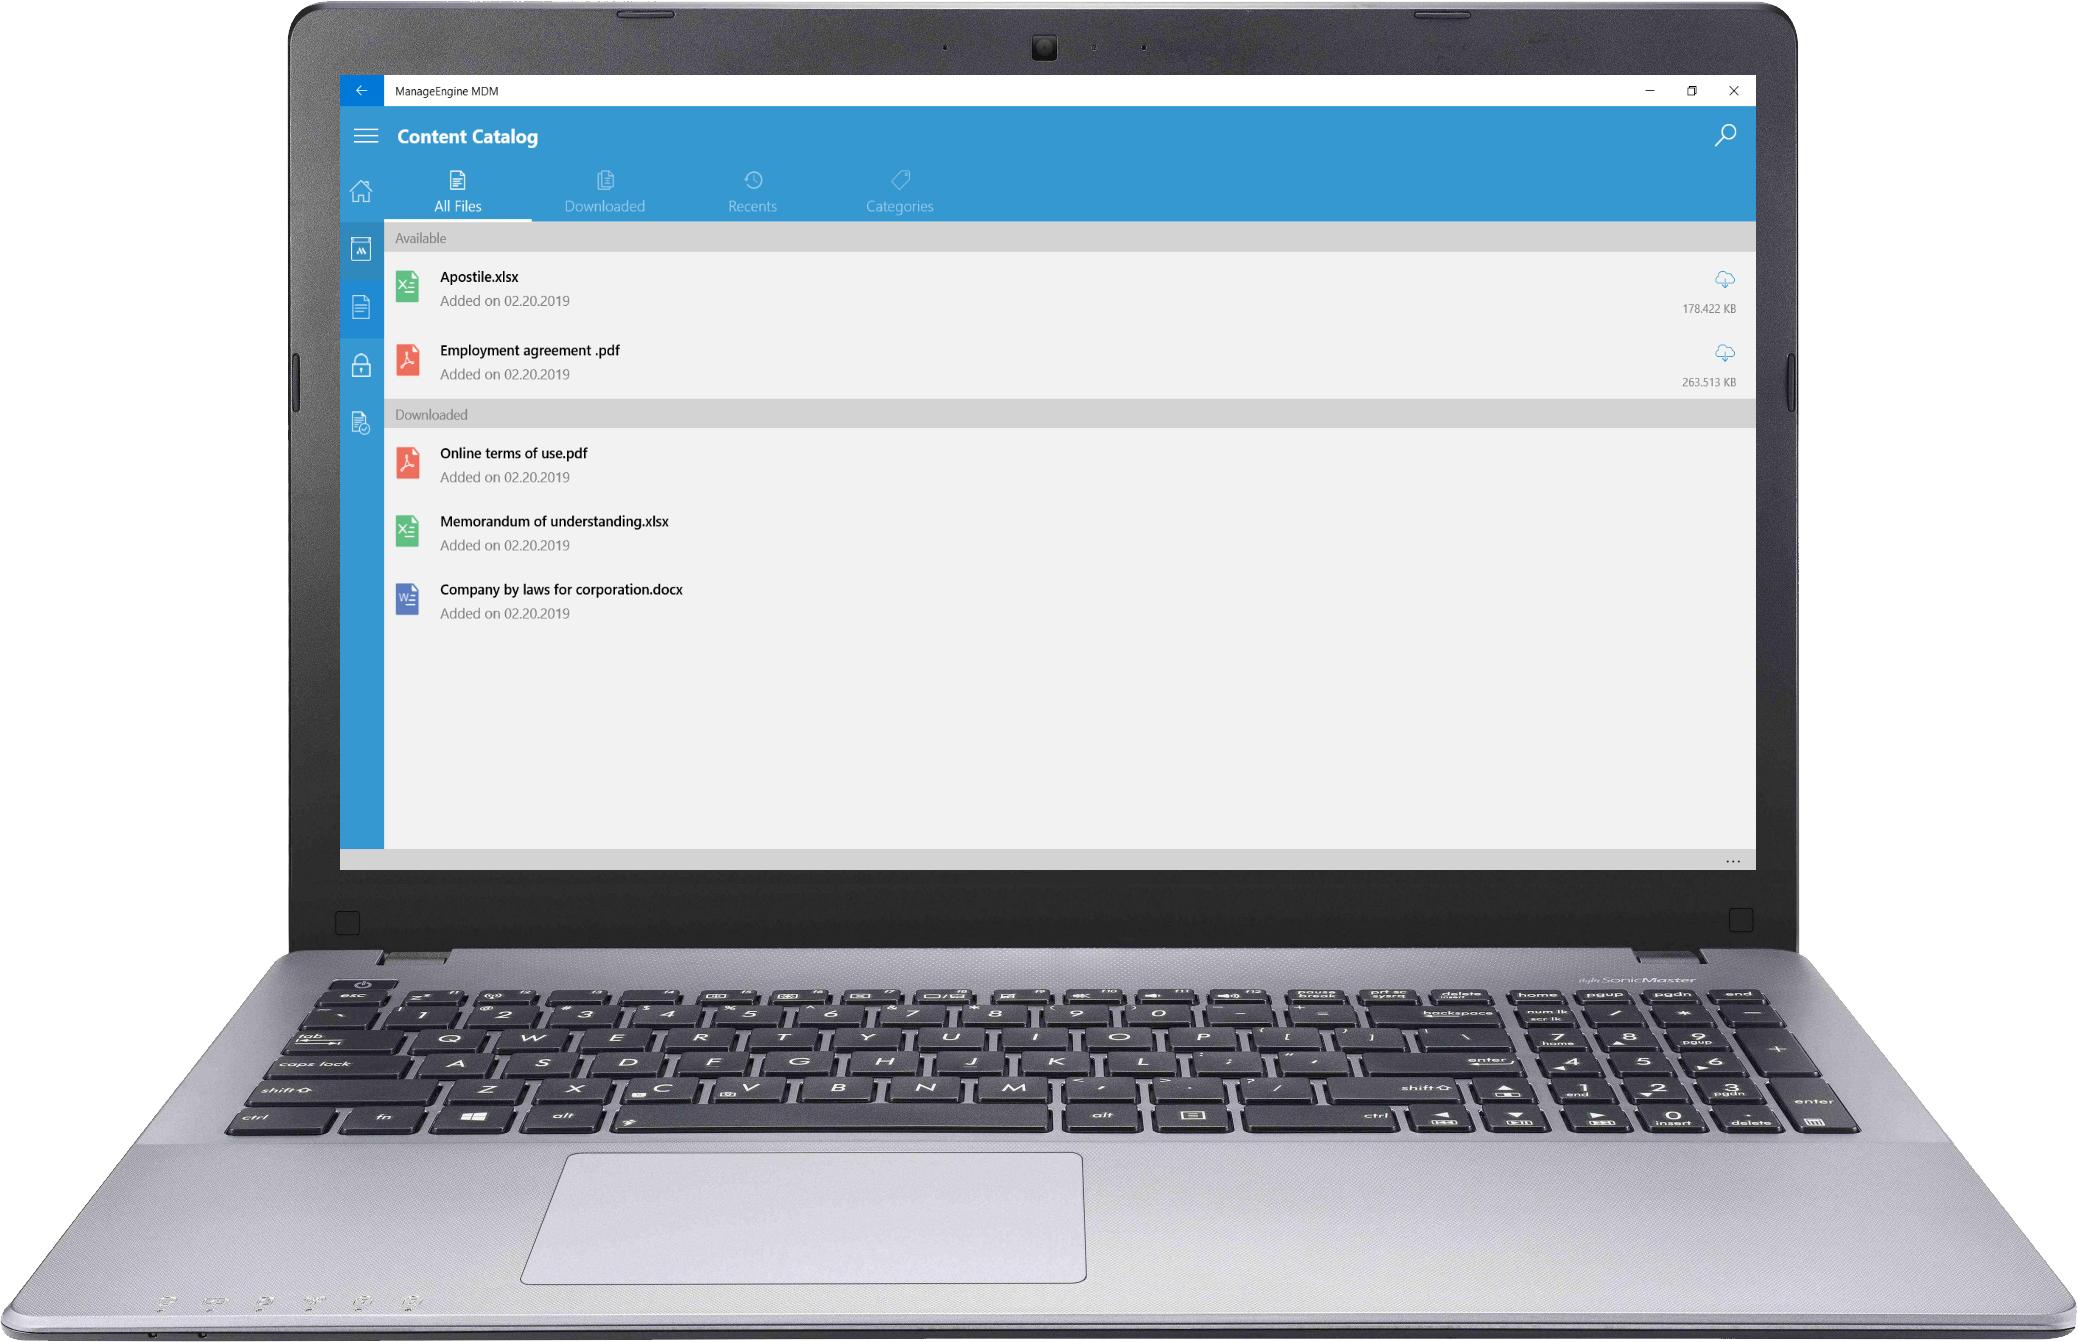 windows 10 laptop management